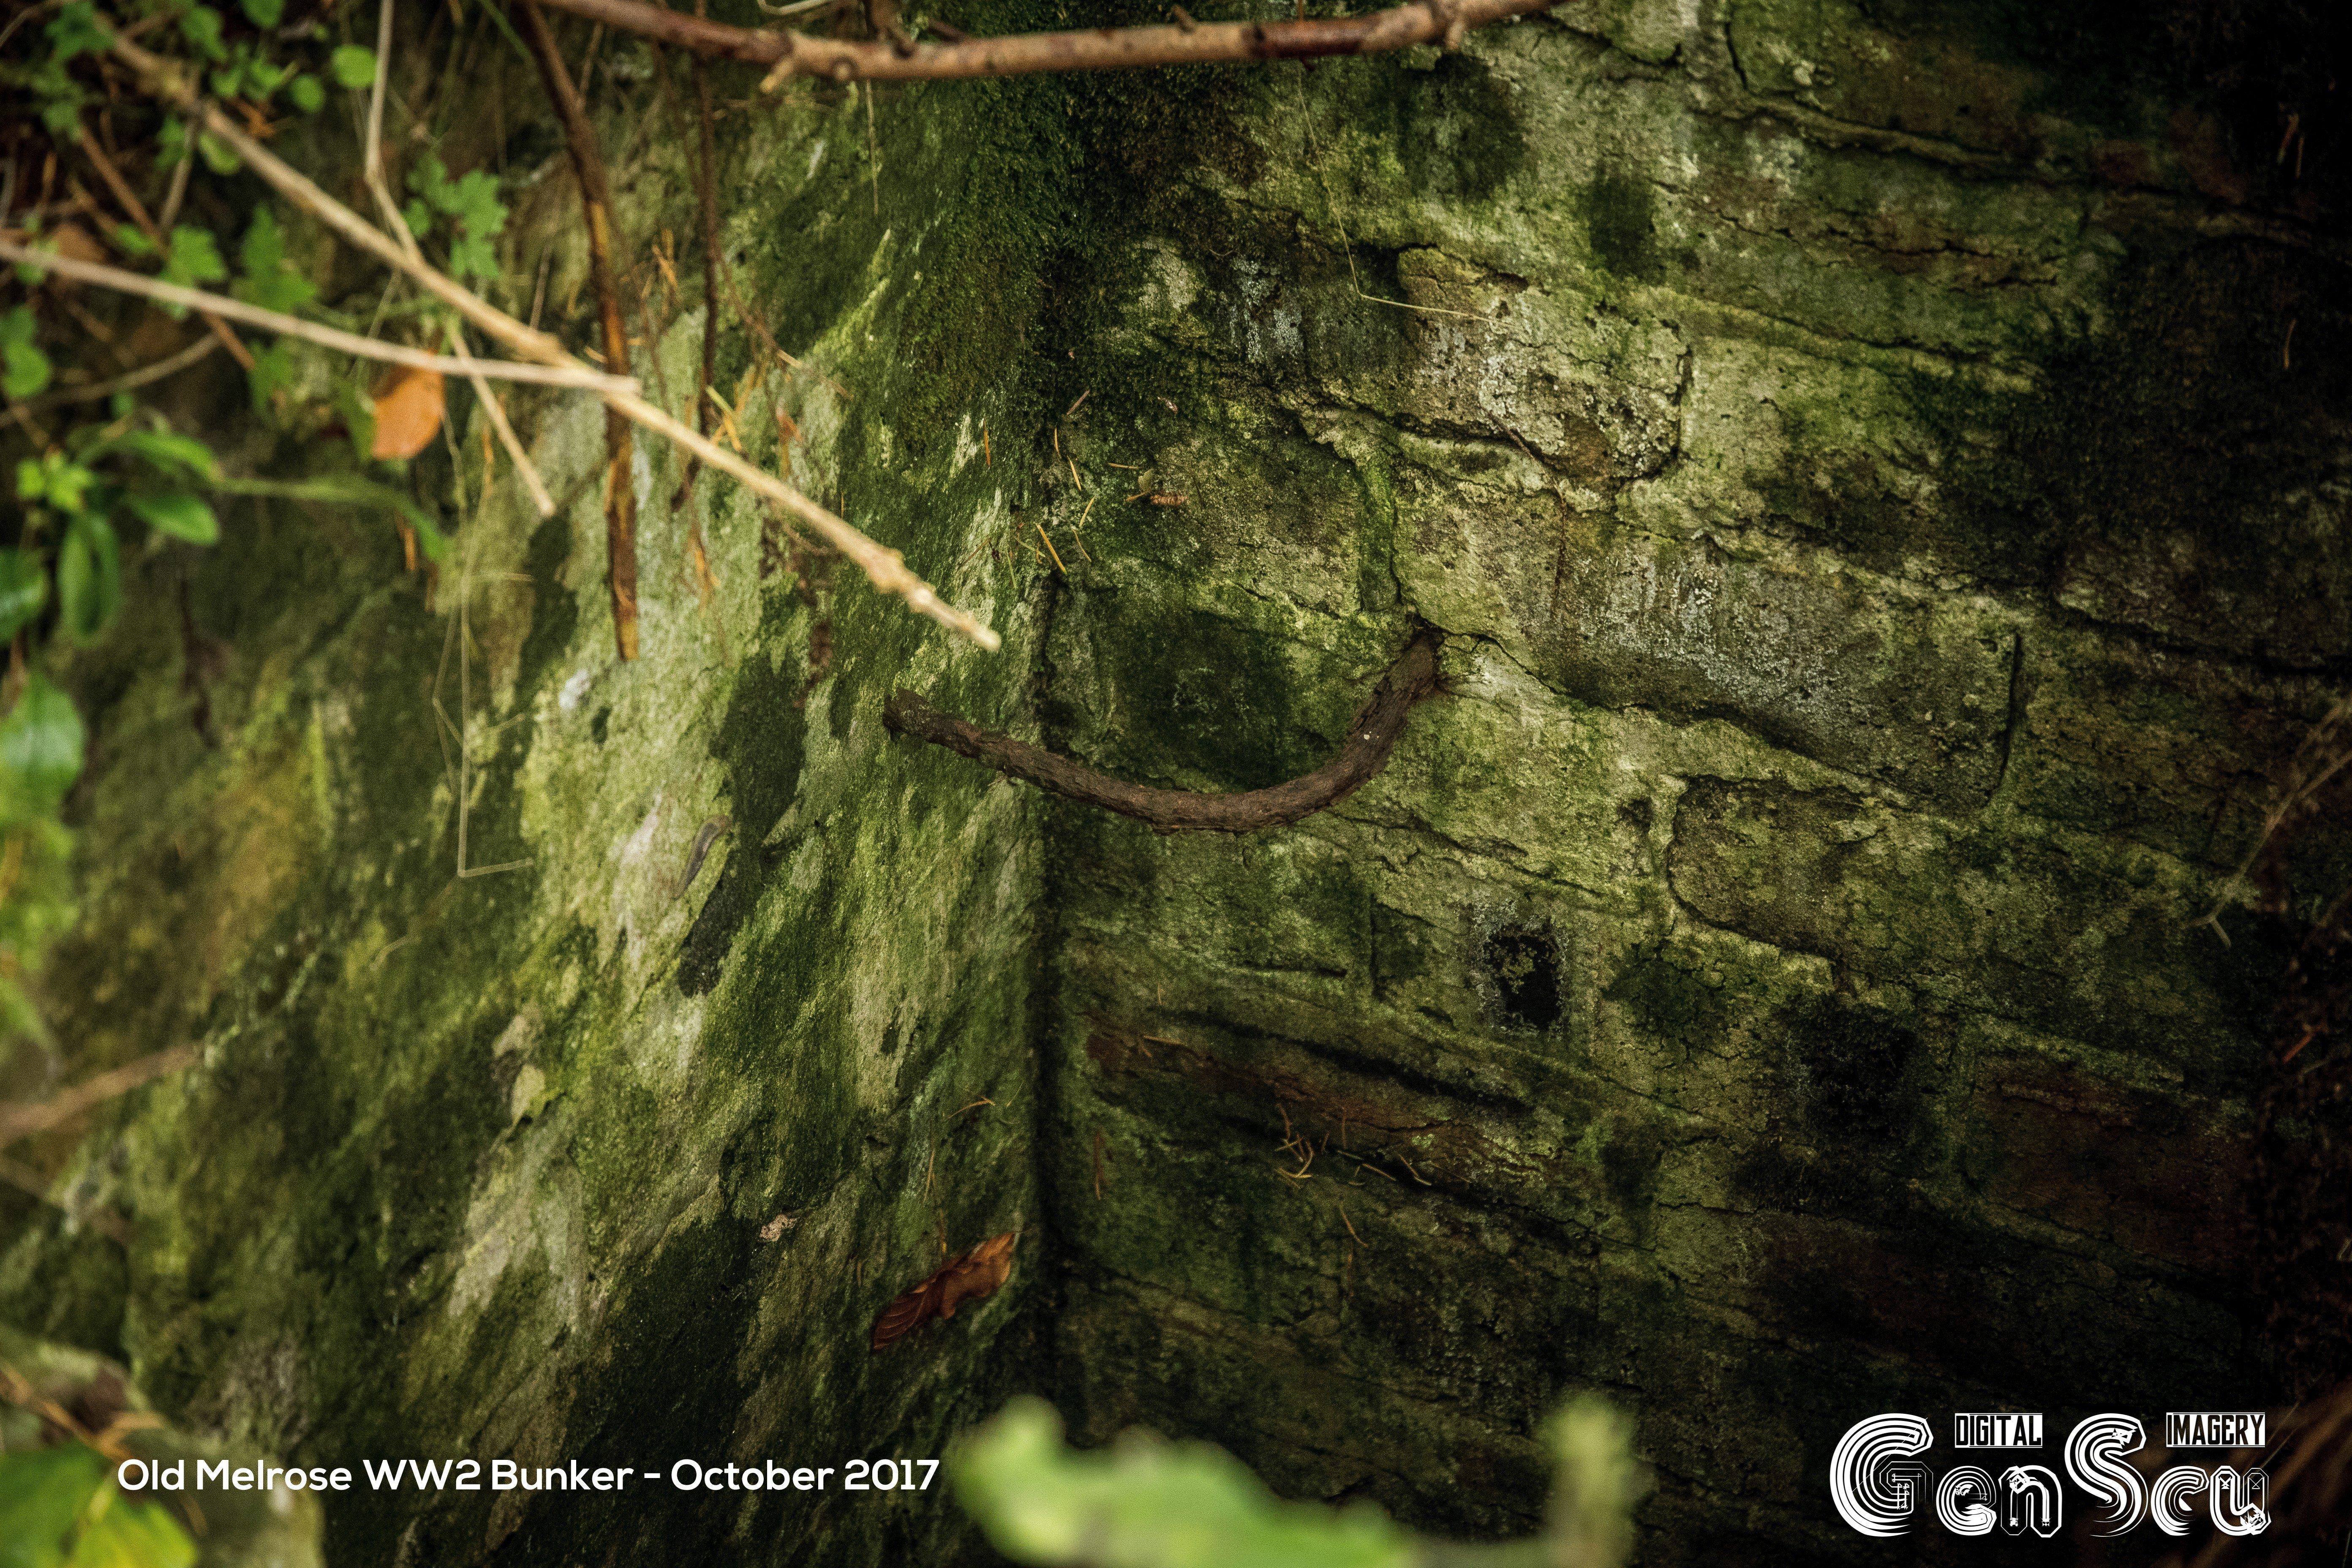 Old Melrose WW2 Bunker